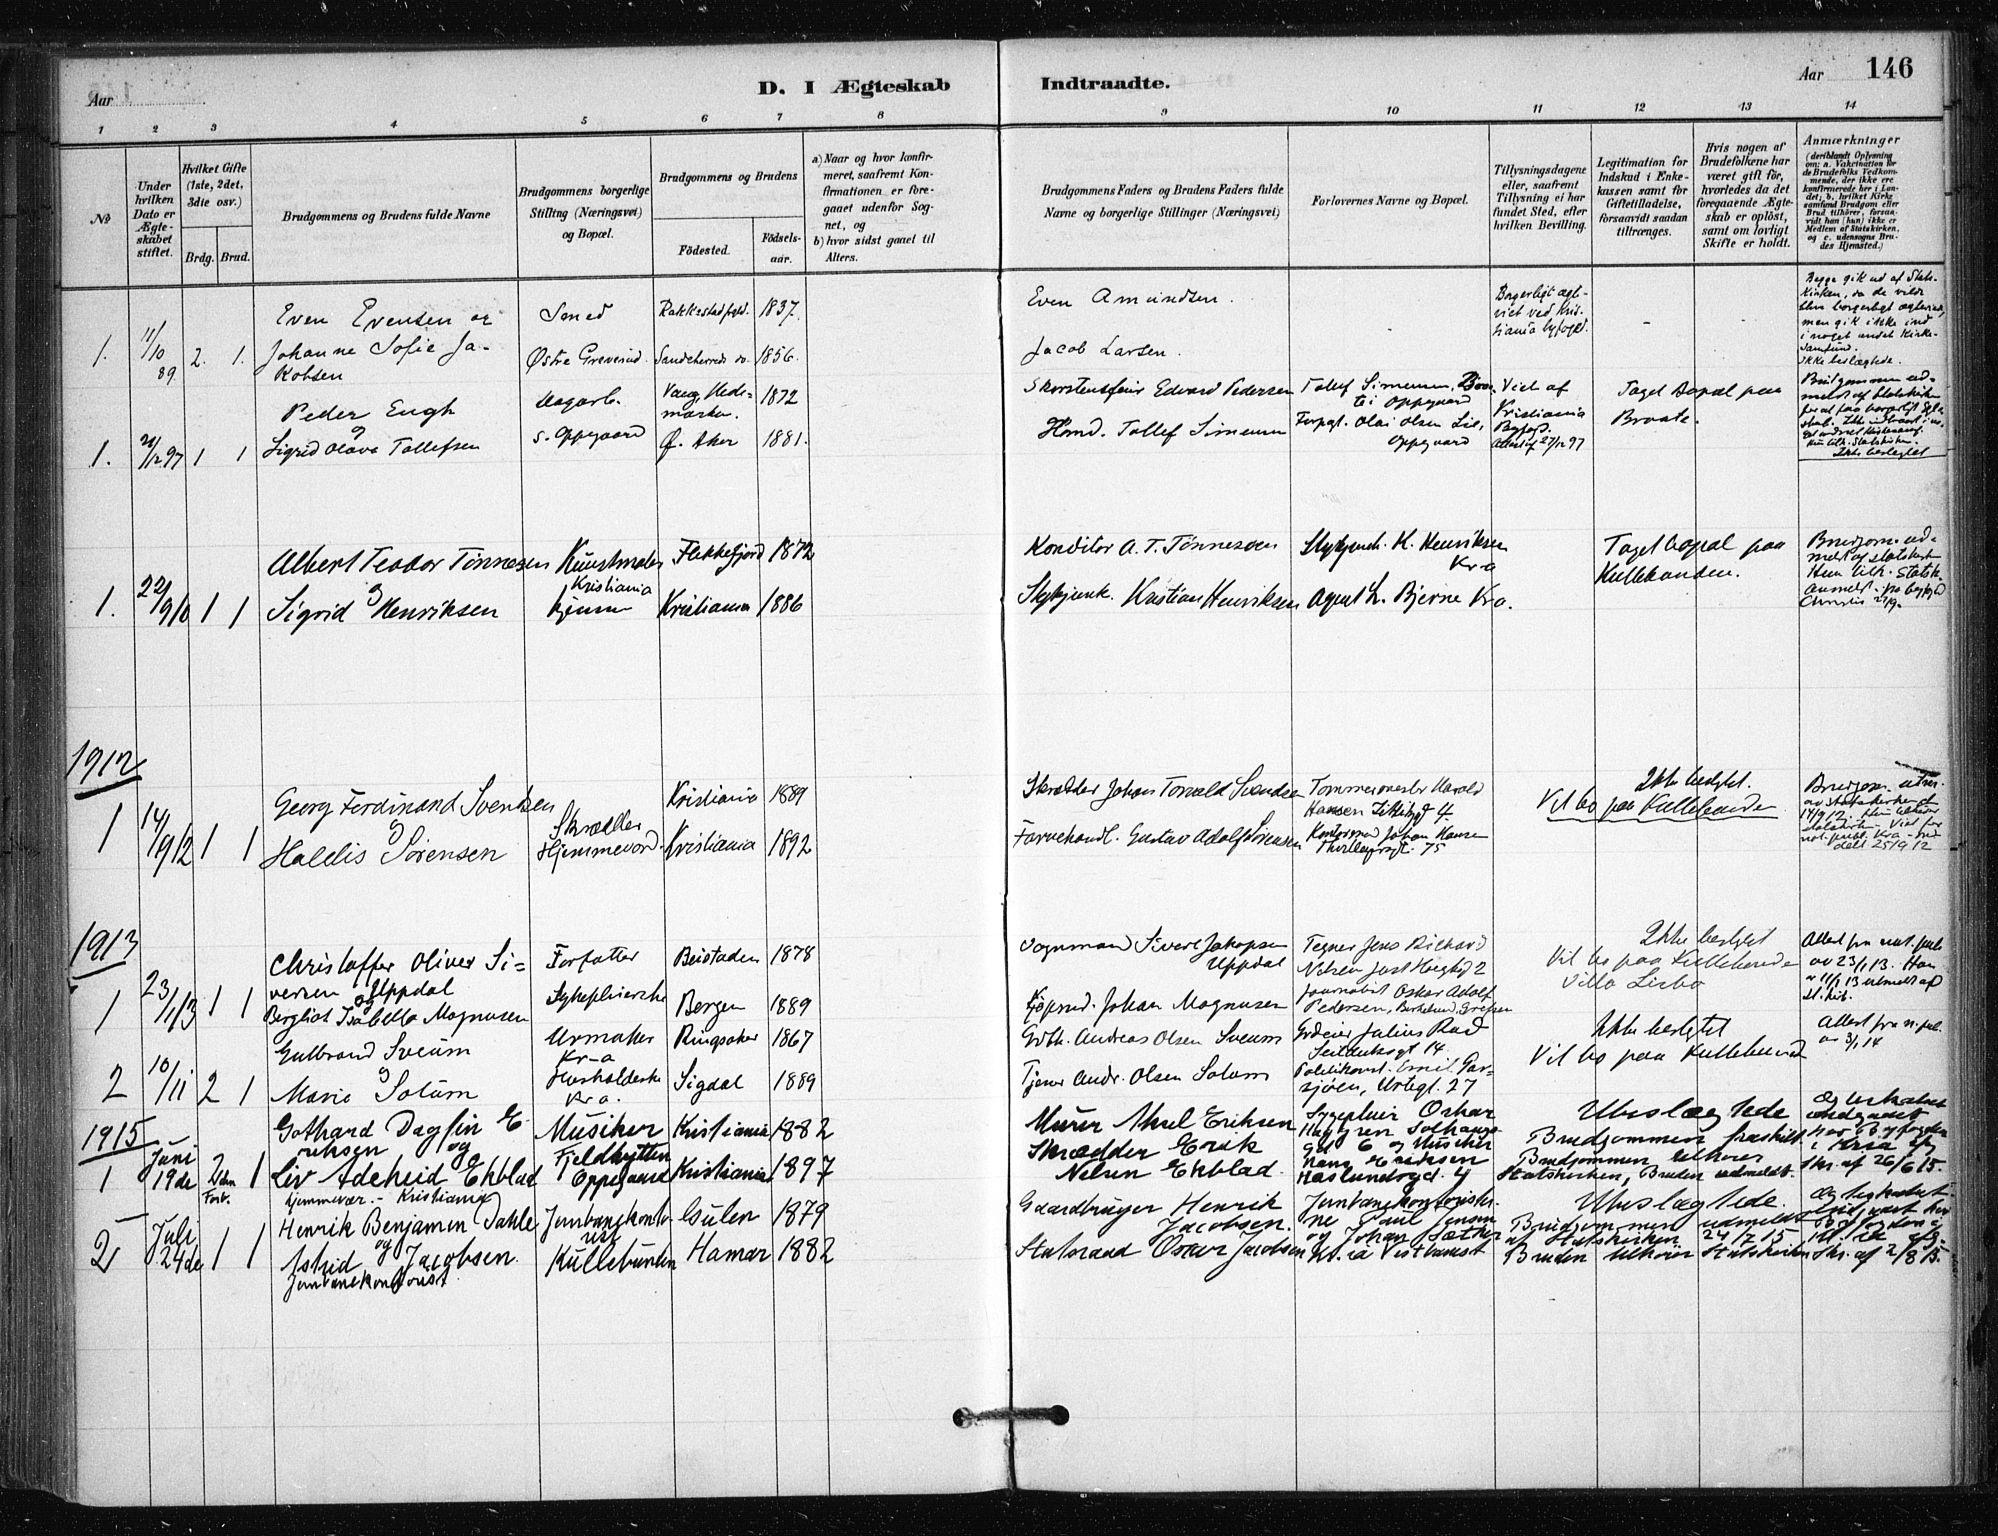 SAO, Nesodden prestekontor Kirkebøker, F/Fb/L0001: Ministerialbok nr. II 1, 1880-1915, s. 146